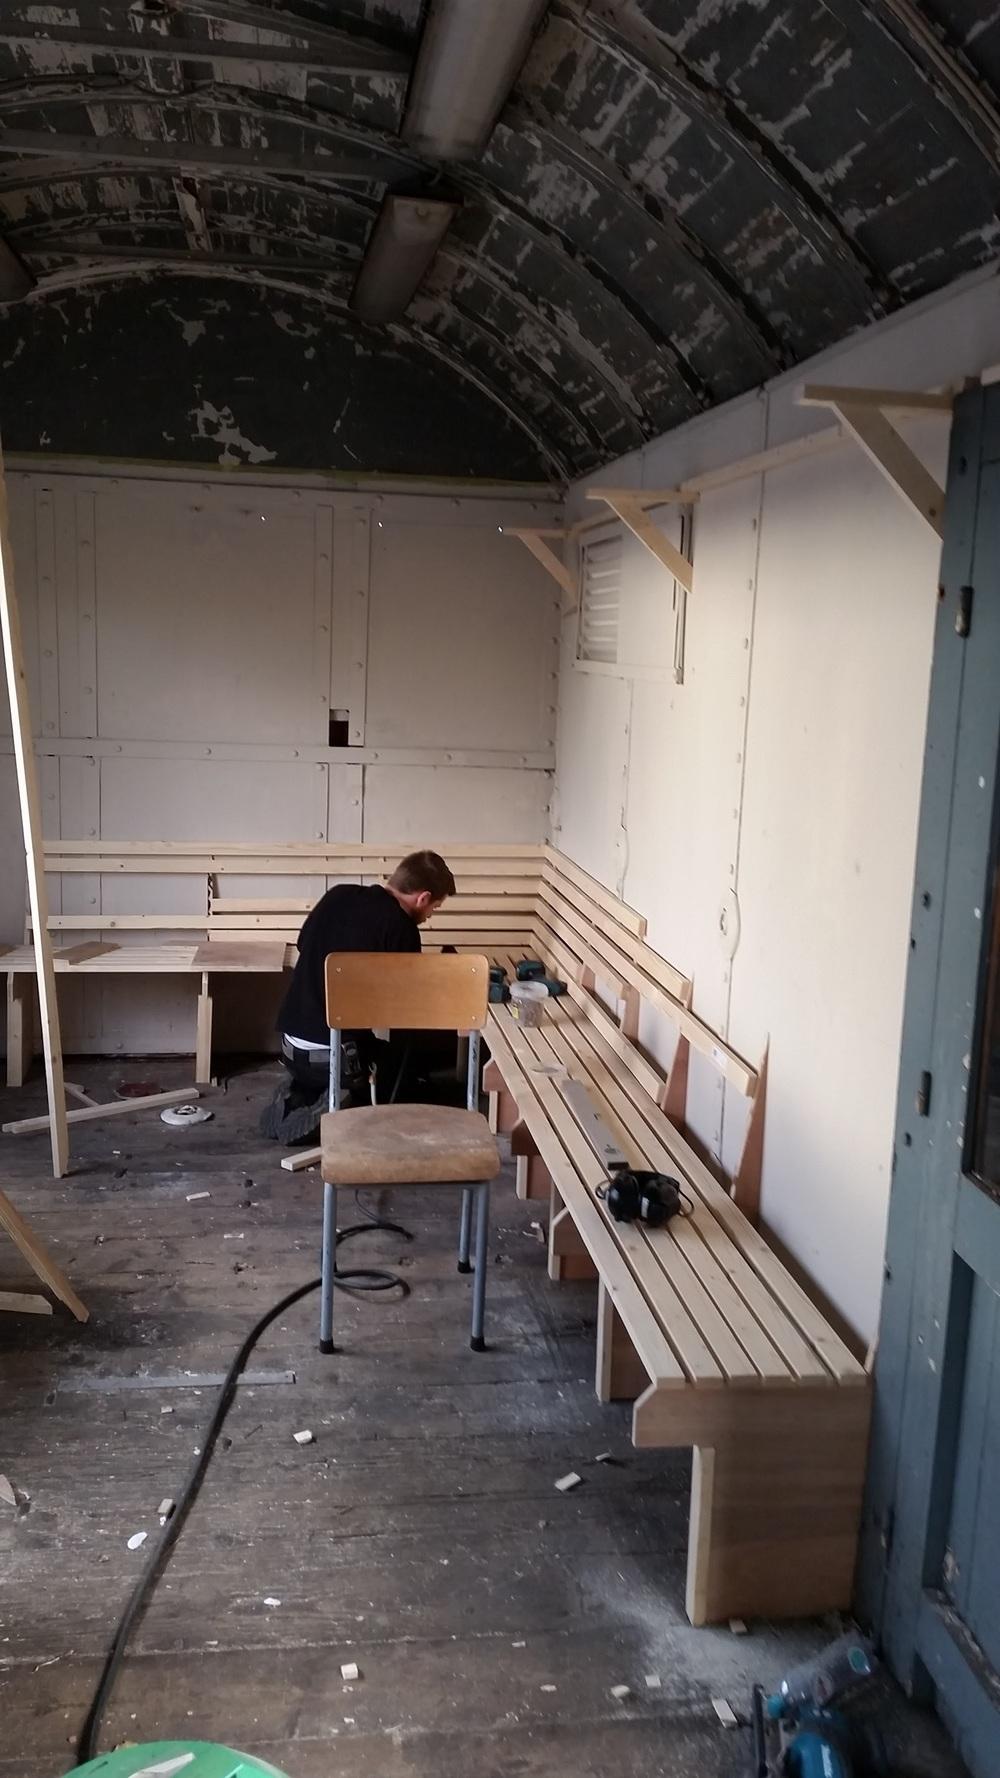 Bahnhof schrijwerkerij